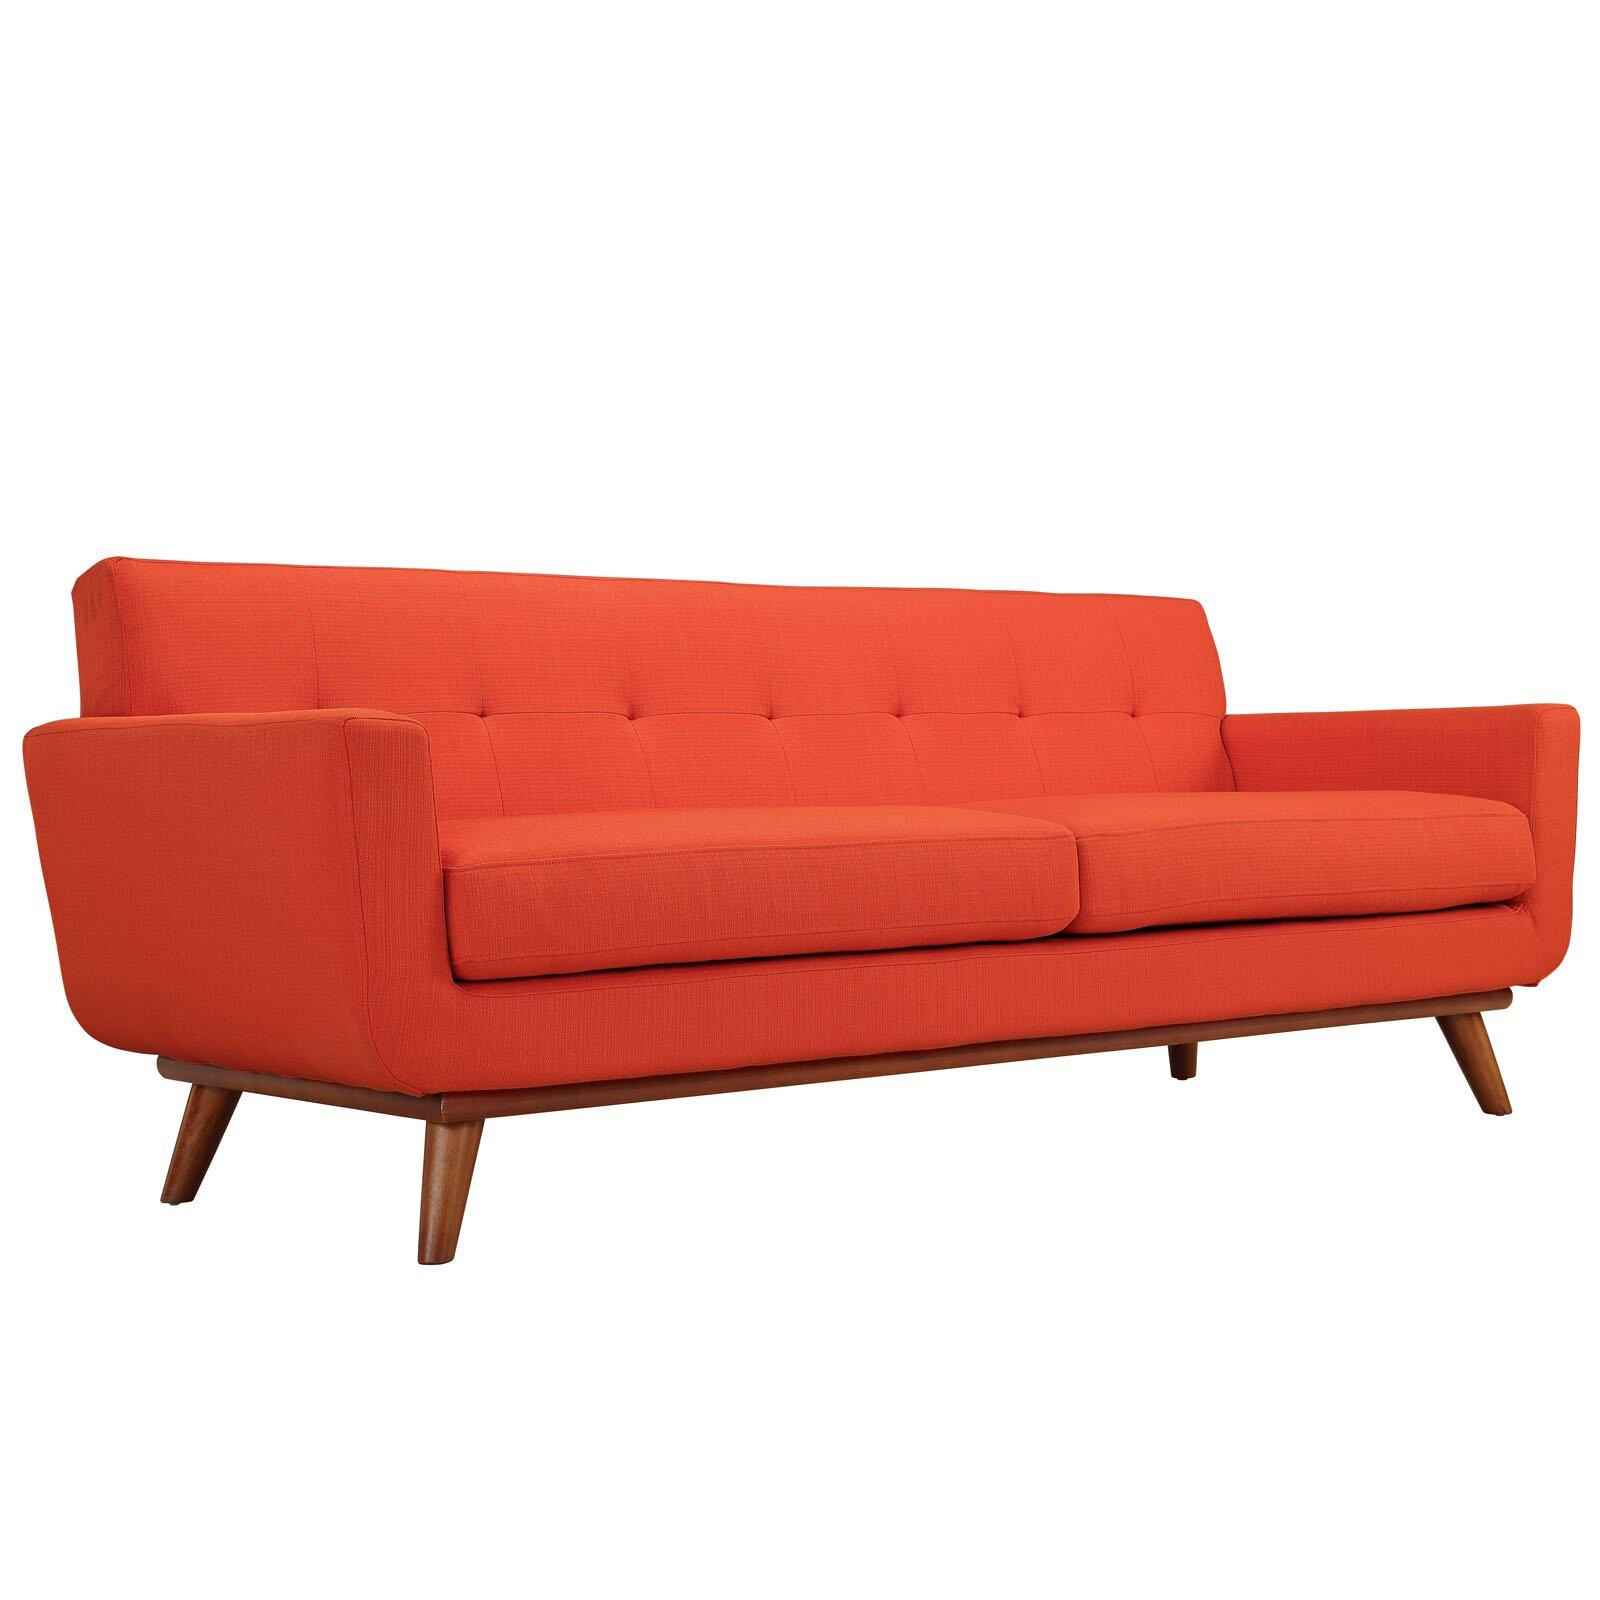 Corrigan Studio Saginaw Upholstered Sofa & Reviews   Wayfair